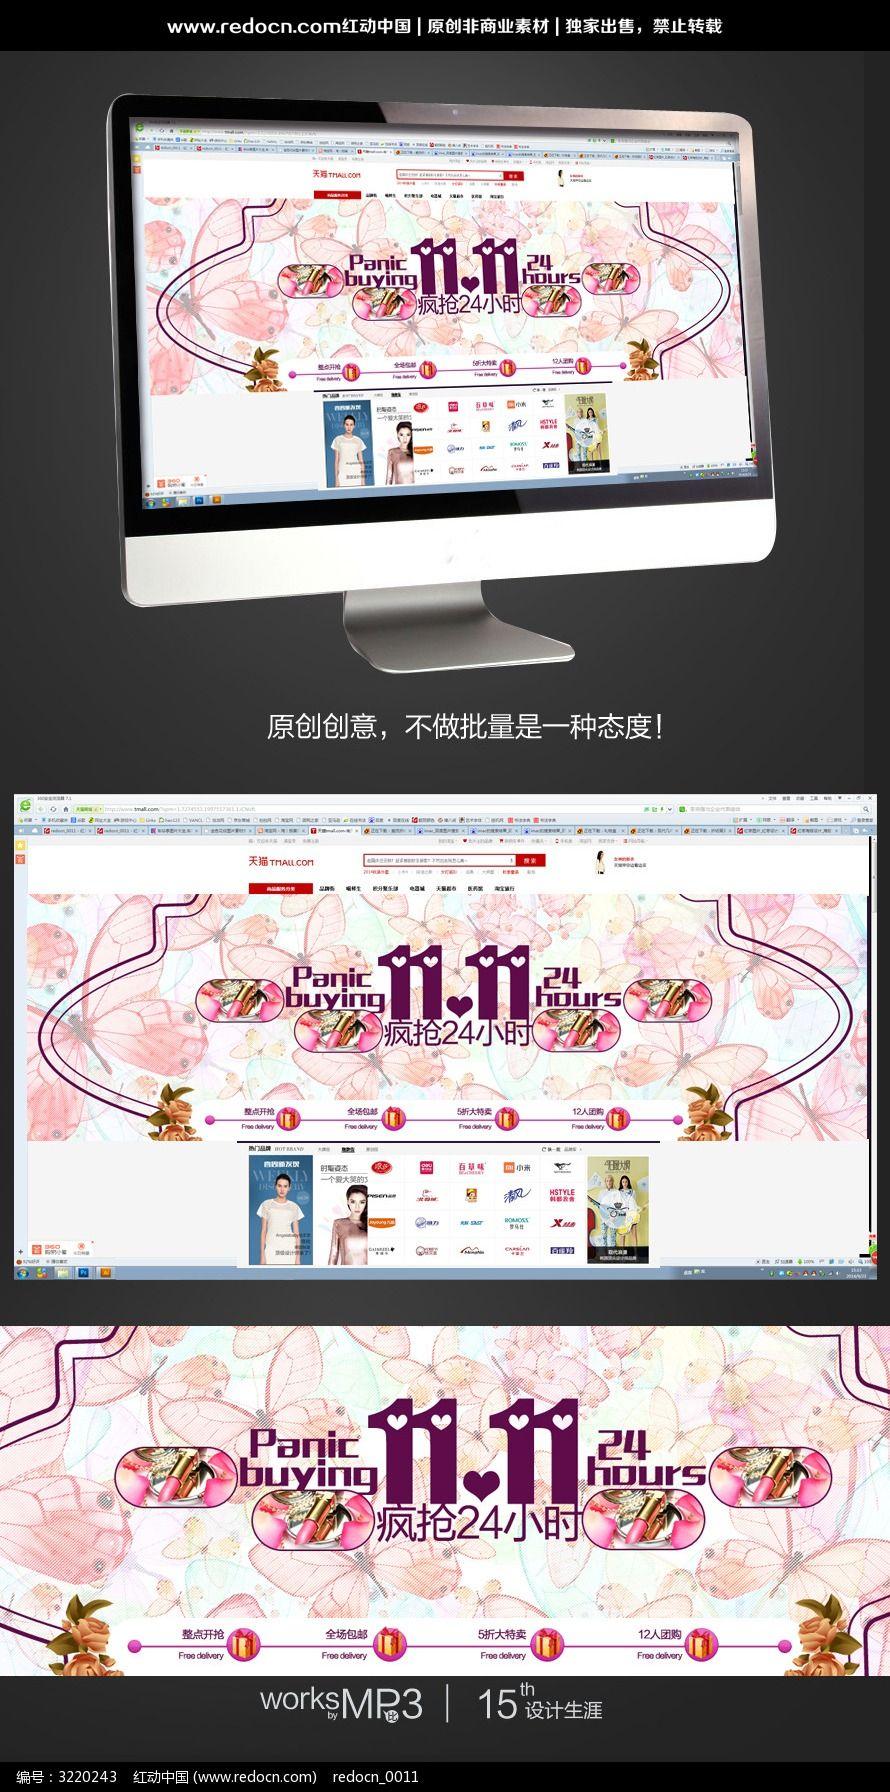 双11淘宝化妆品促销海报图片